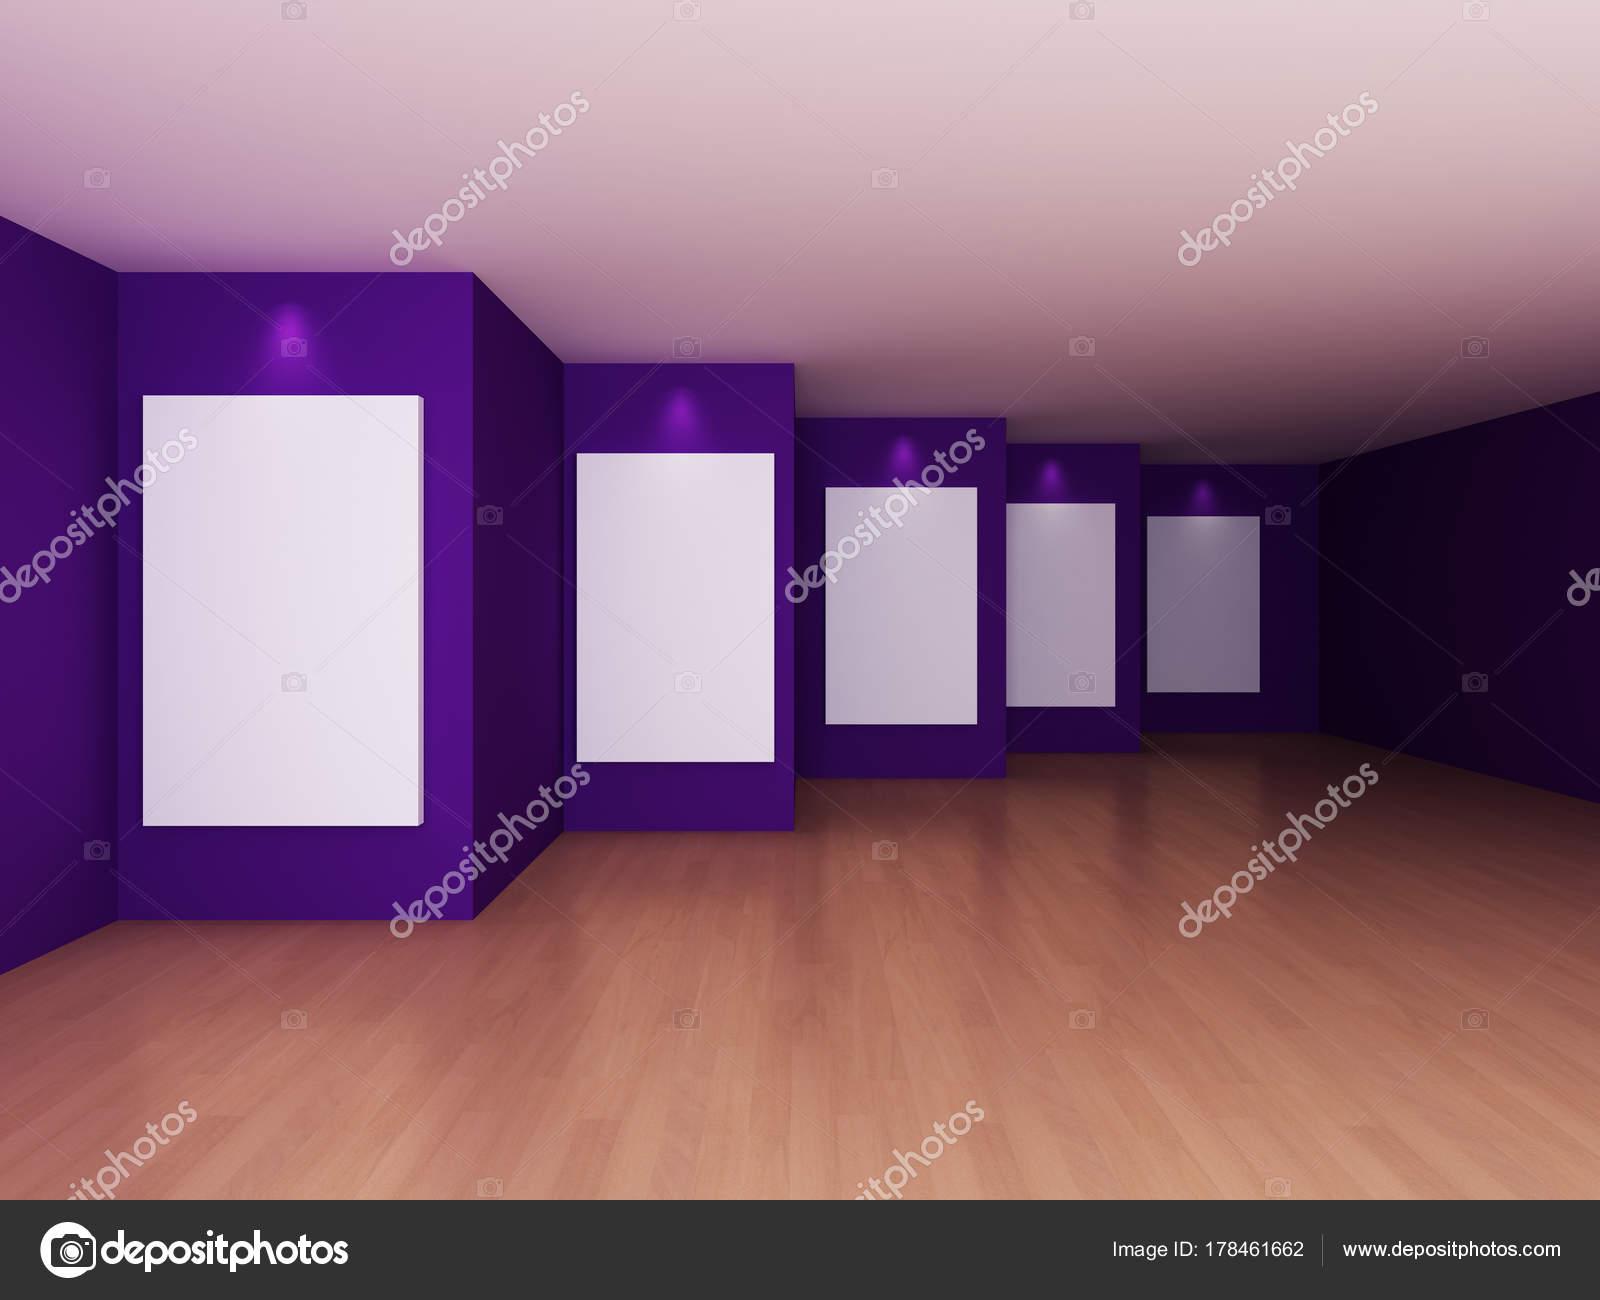 Leeren Raum Innenraum mit weißen Leinwand auf violette Farbe Wand ...